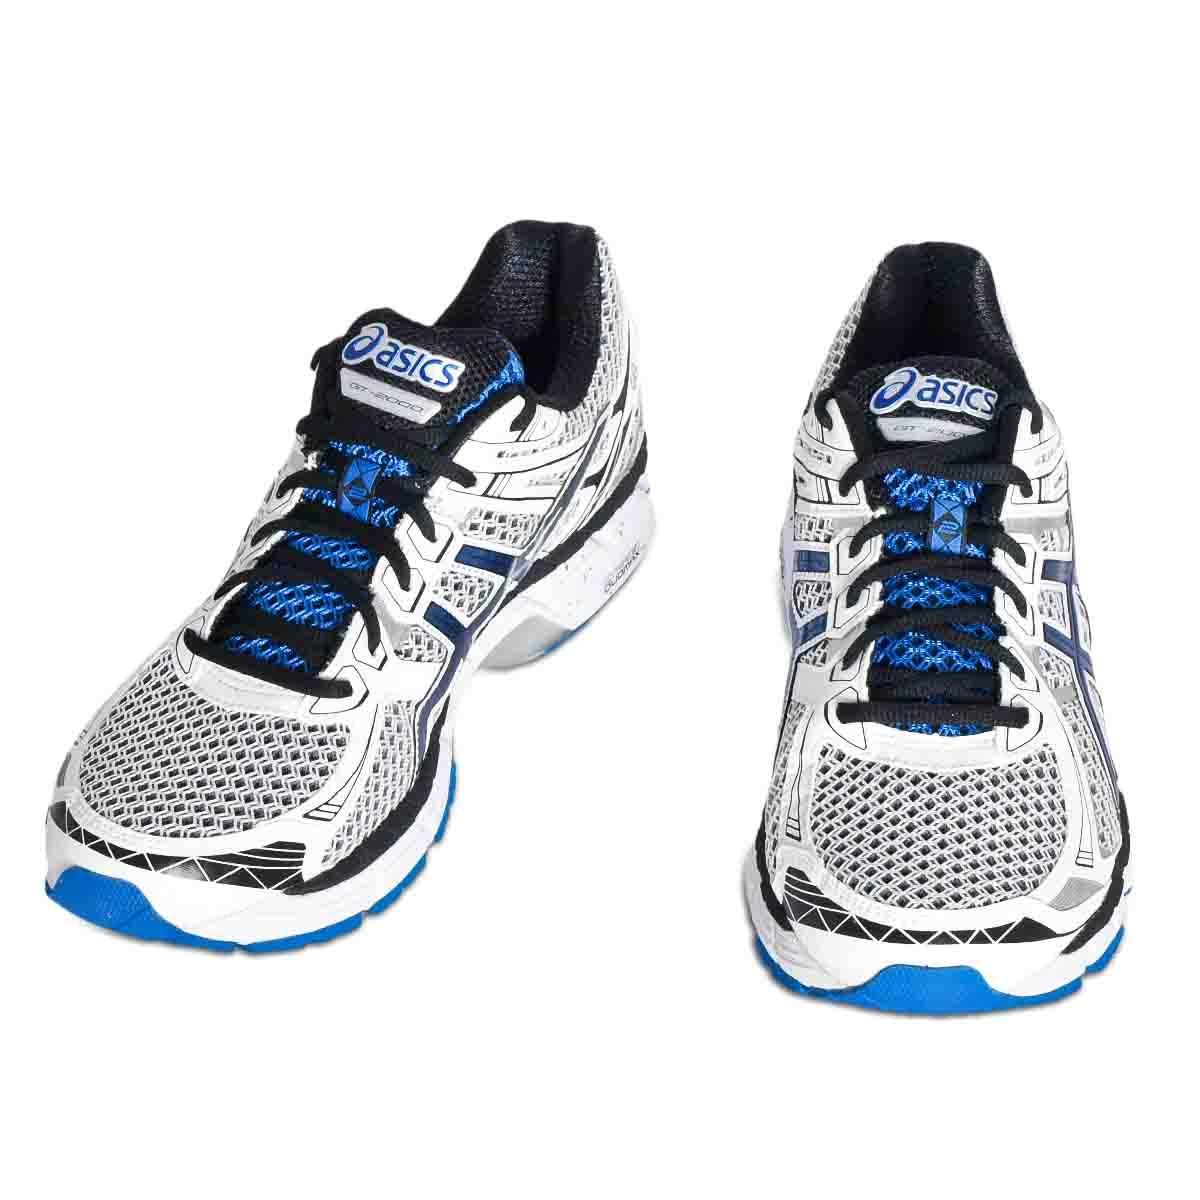 asics mens running shoes gt 2000 2 size uk 9 15 ebay